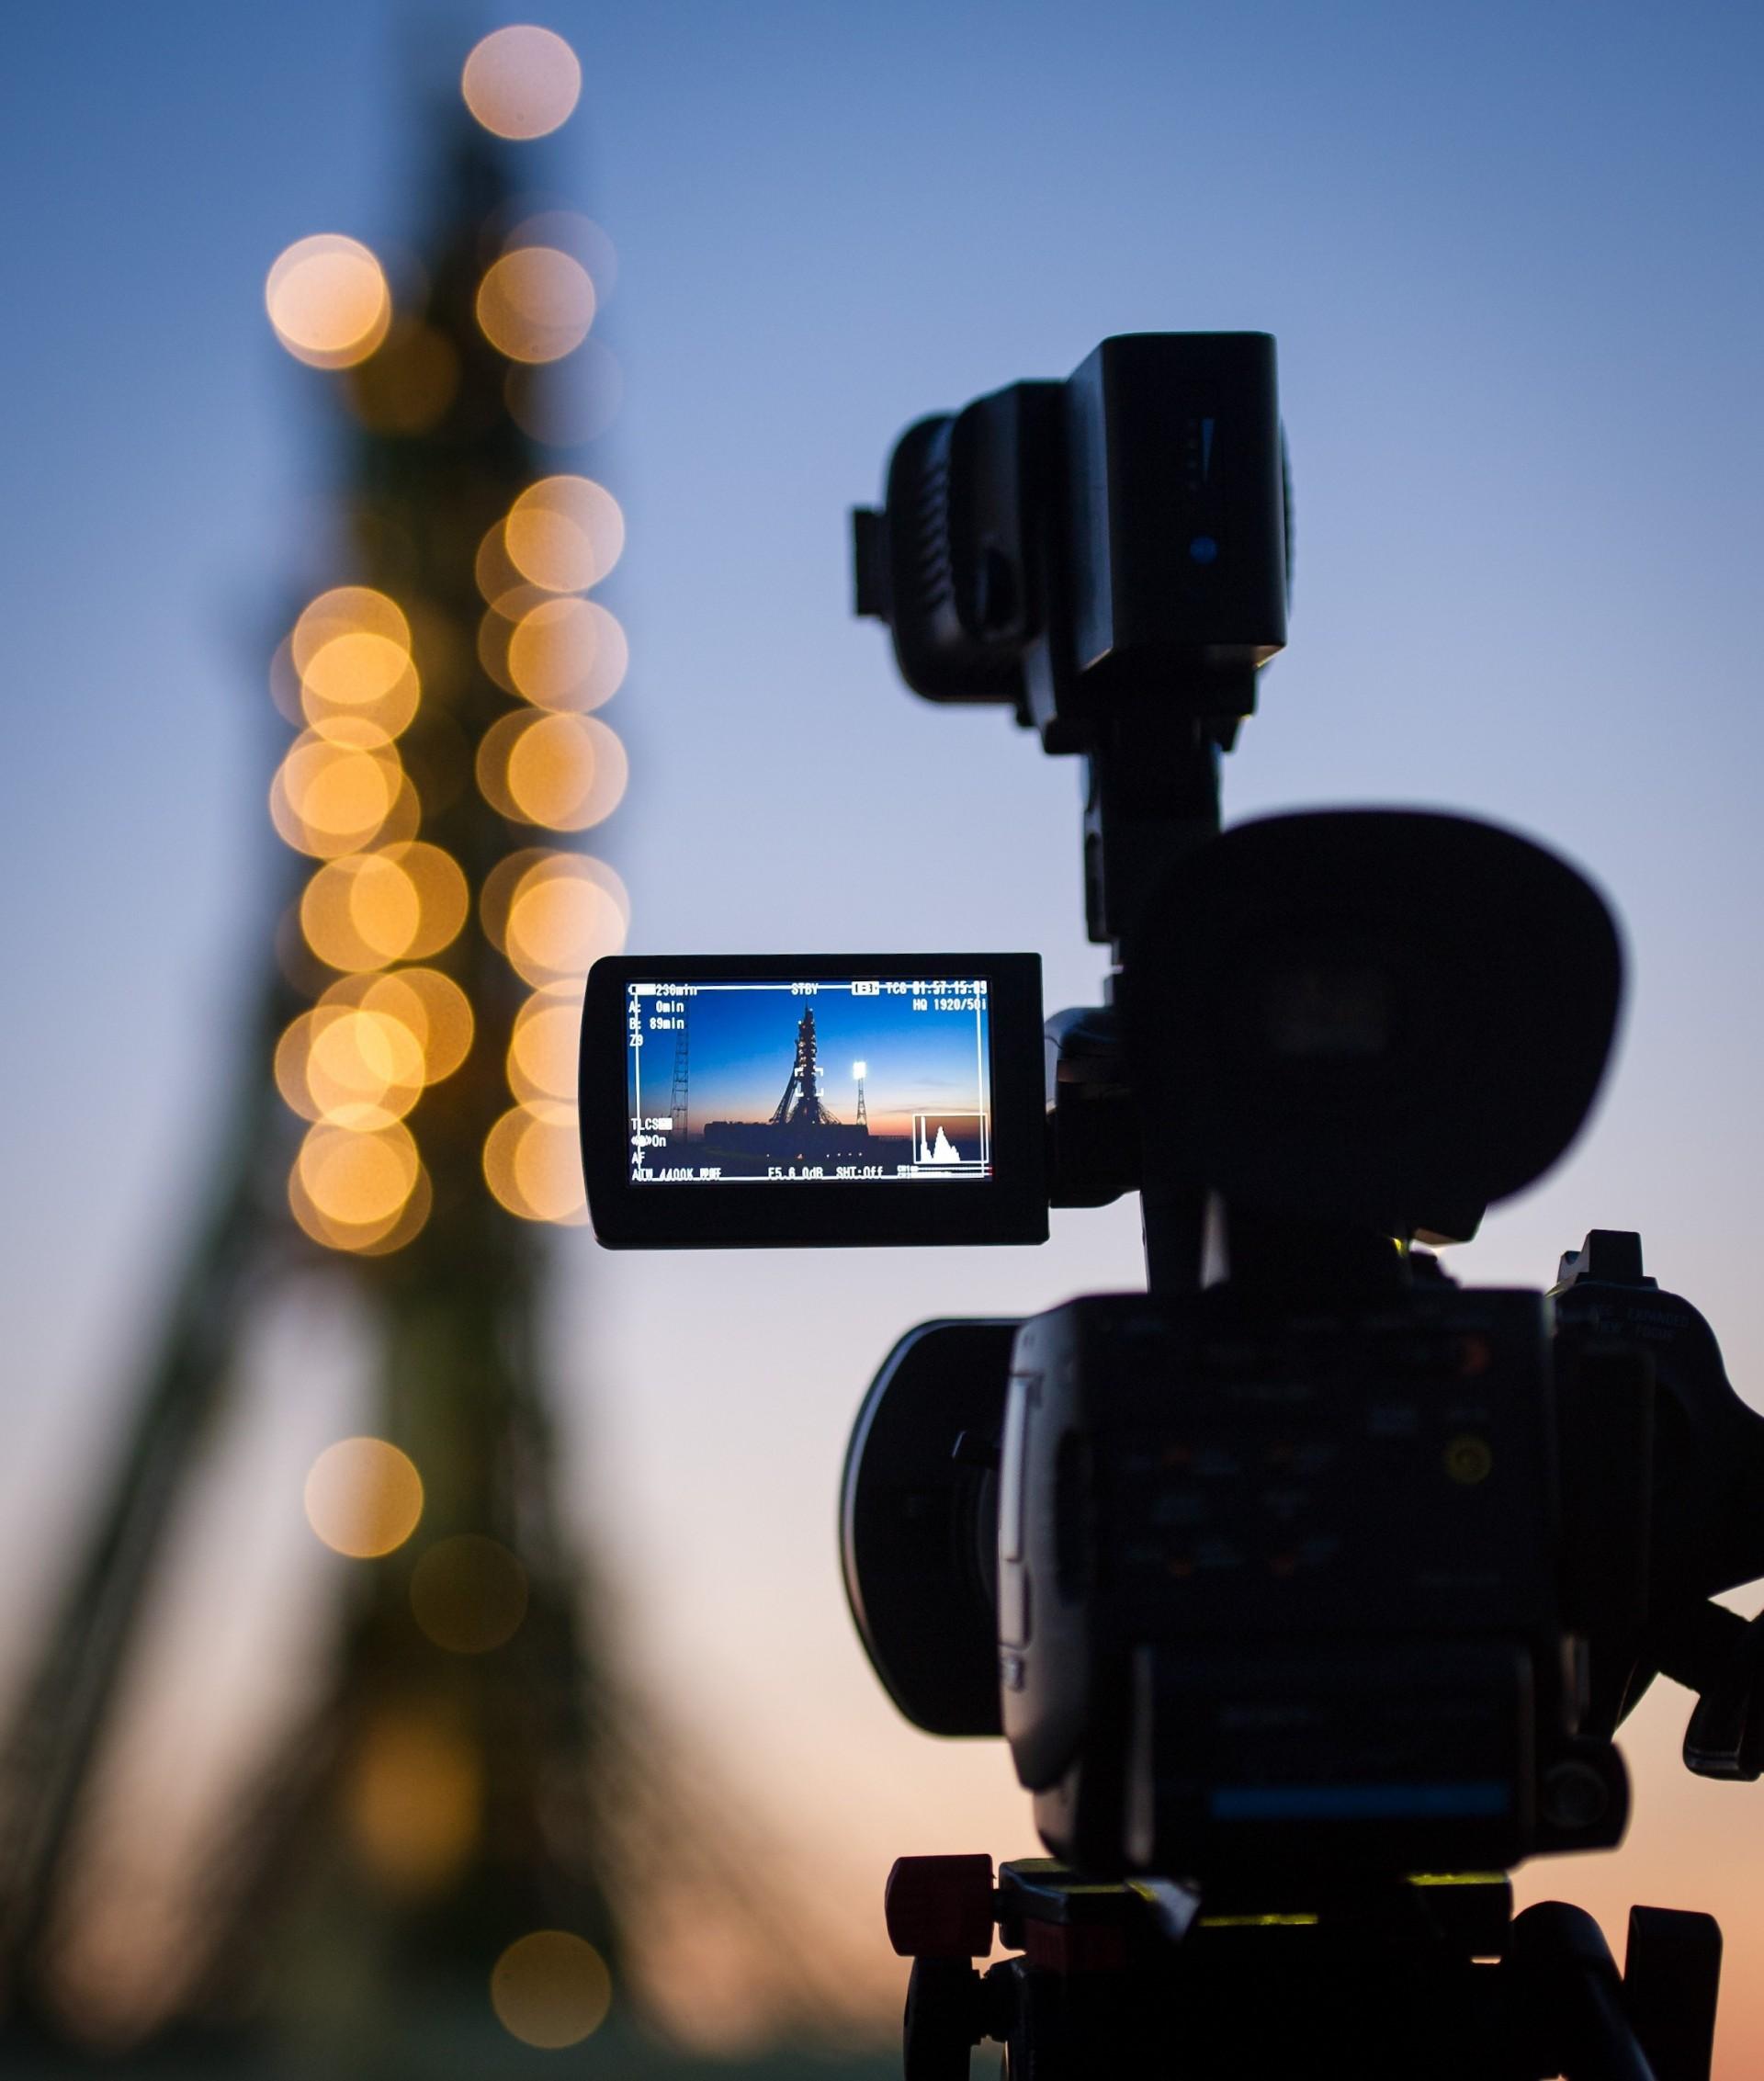 Ические картинки и видео